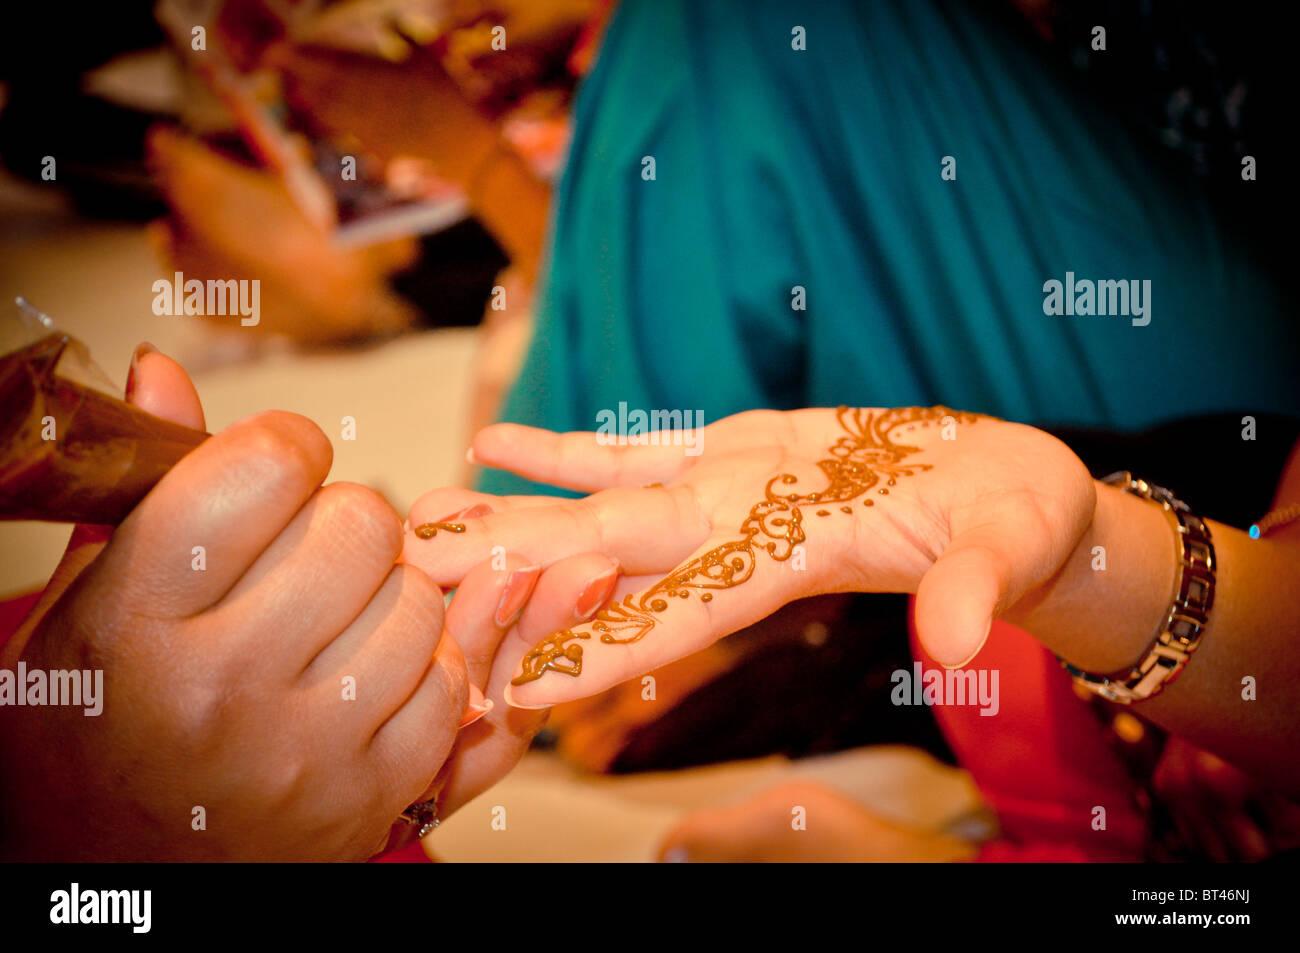 Henna Party Nyc : Henna party stock photo  alamy